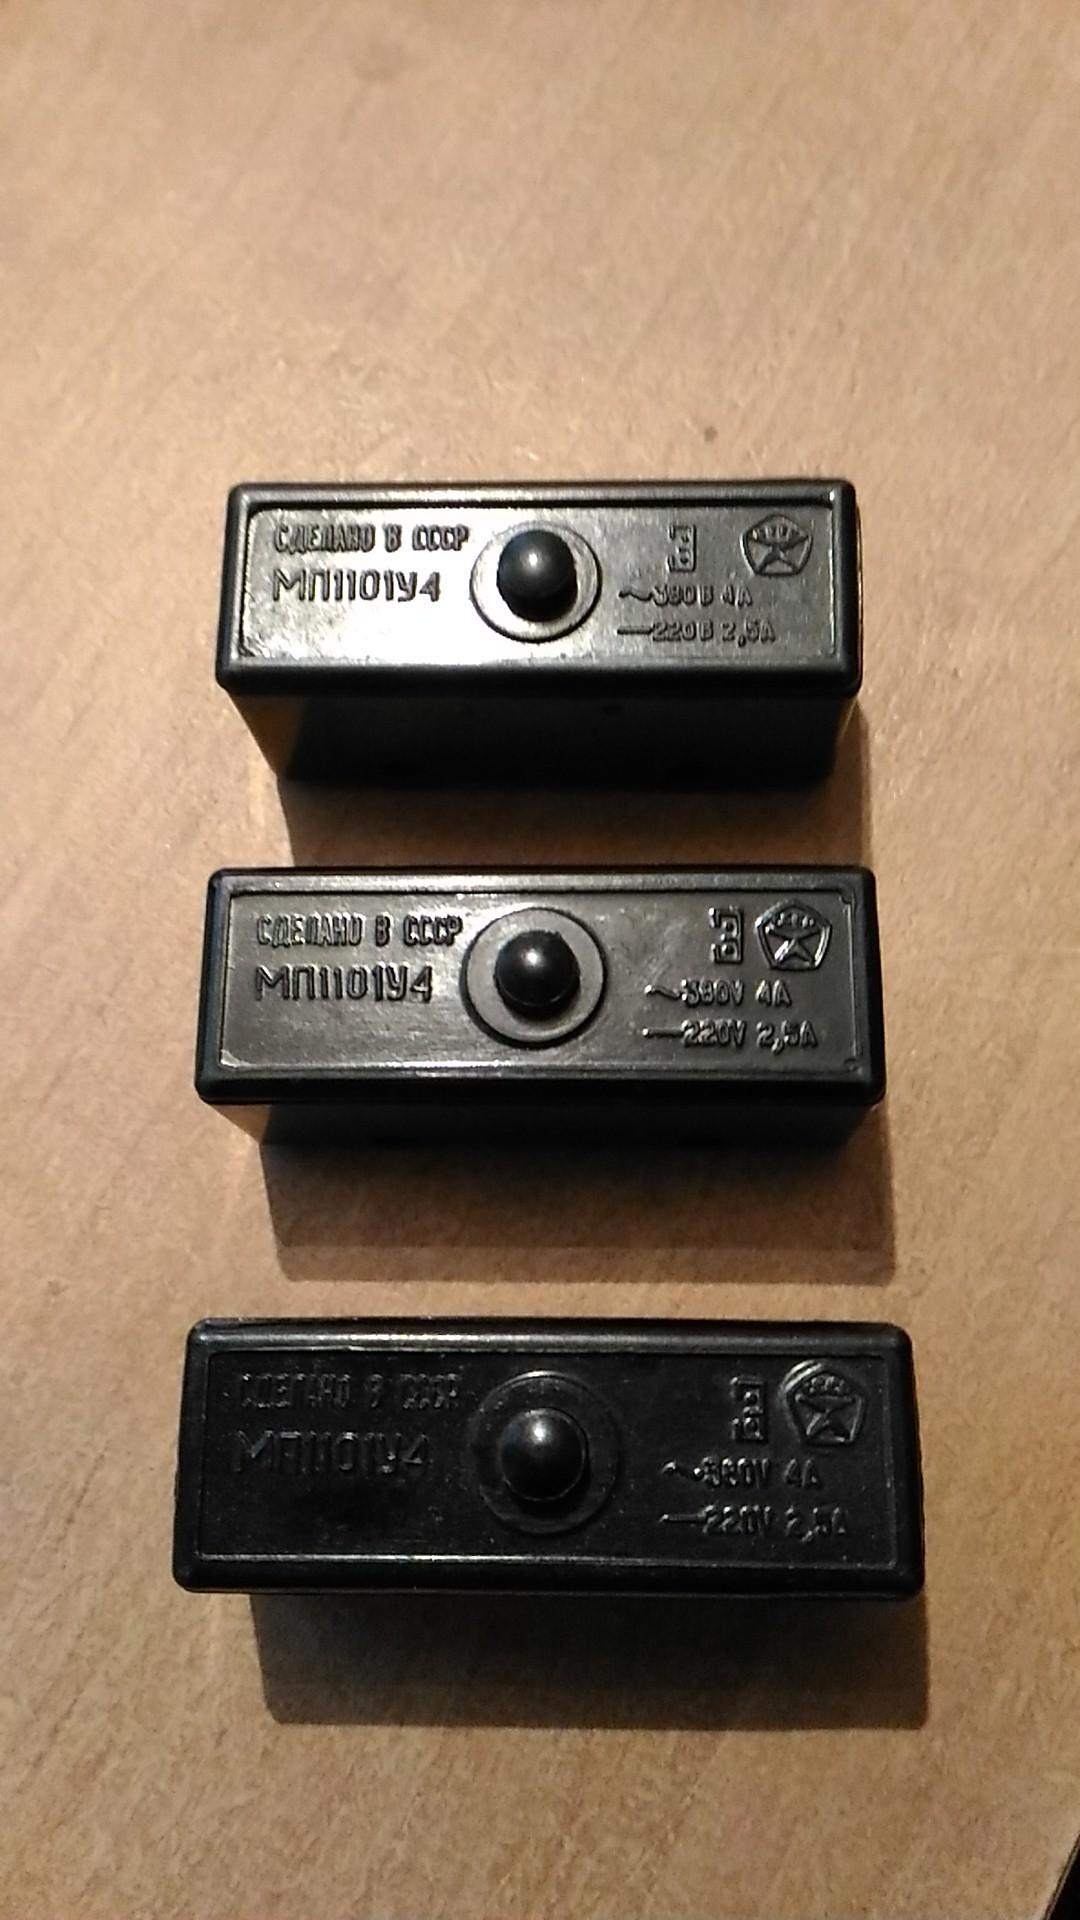 buro c 668 инструкция по эксплуатации